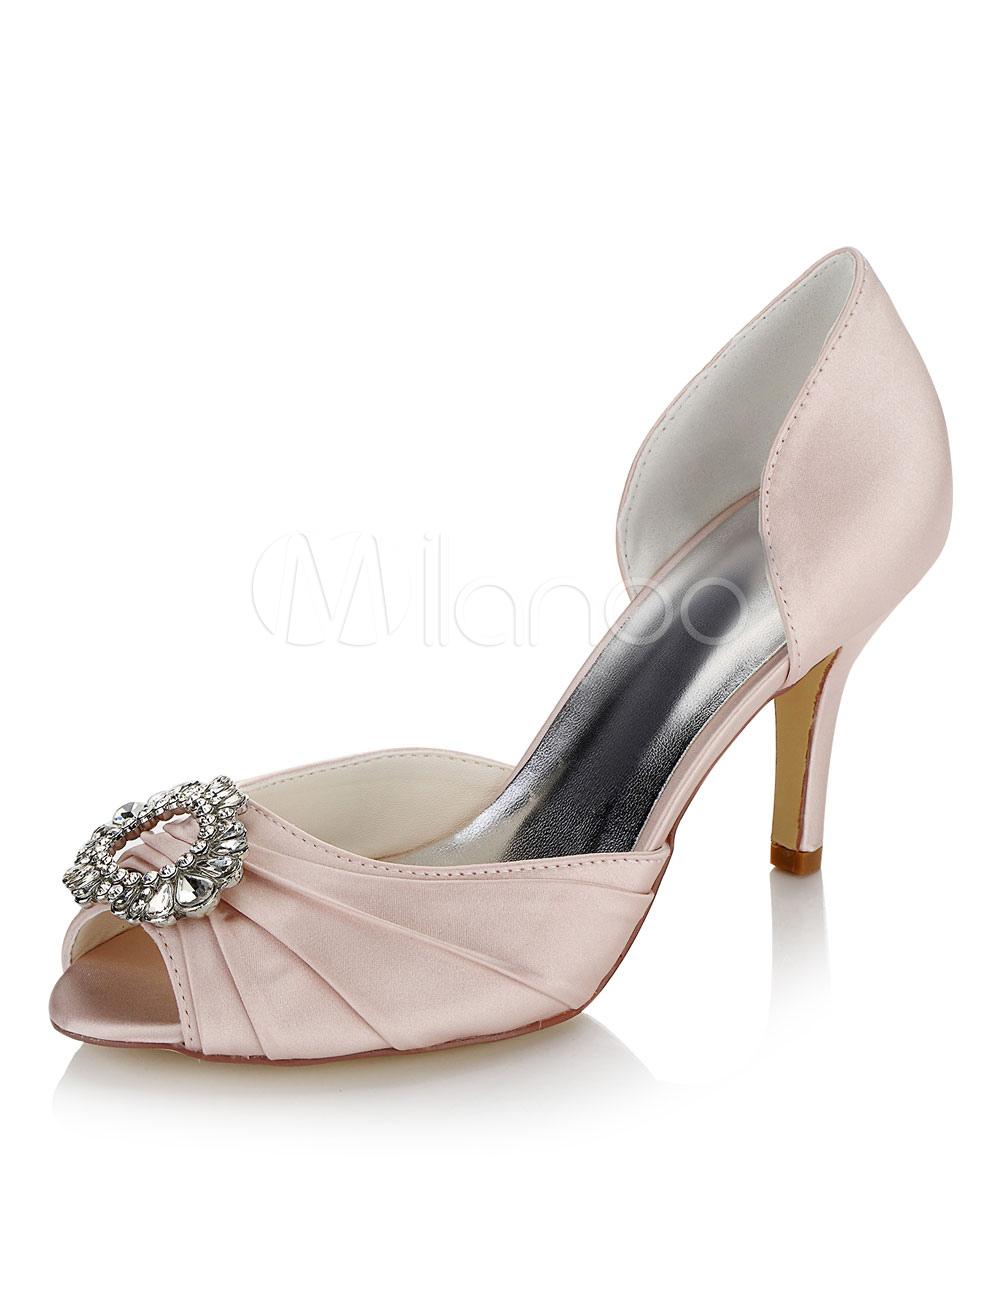 Zapatos de punter Peep Toe de tacón de stiletto de satén con pedrería de lujo Fiesta de bodas rvTSIf0Spy